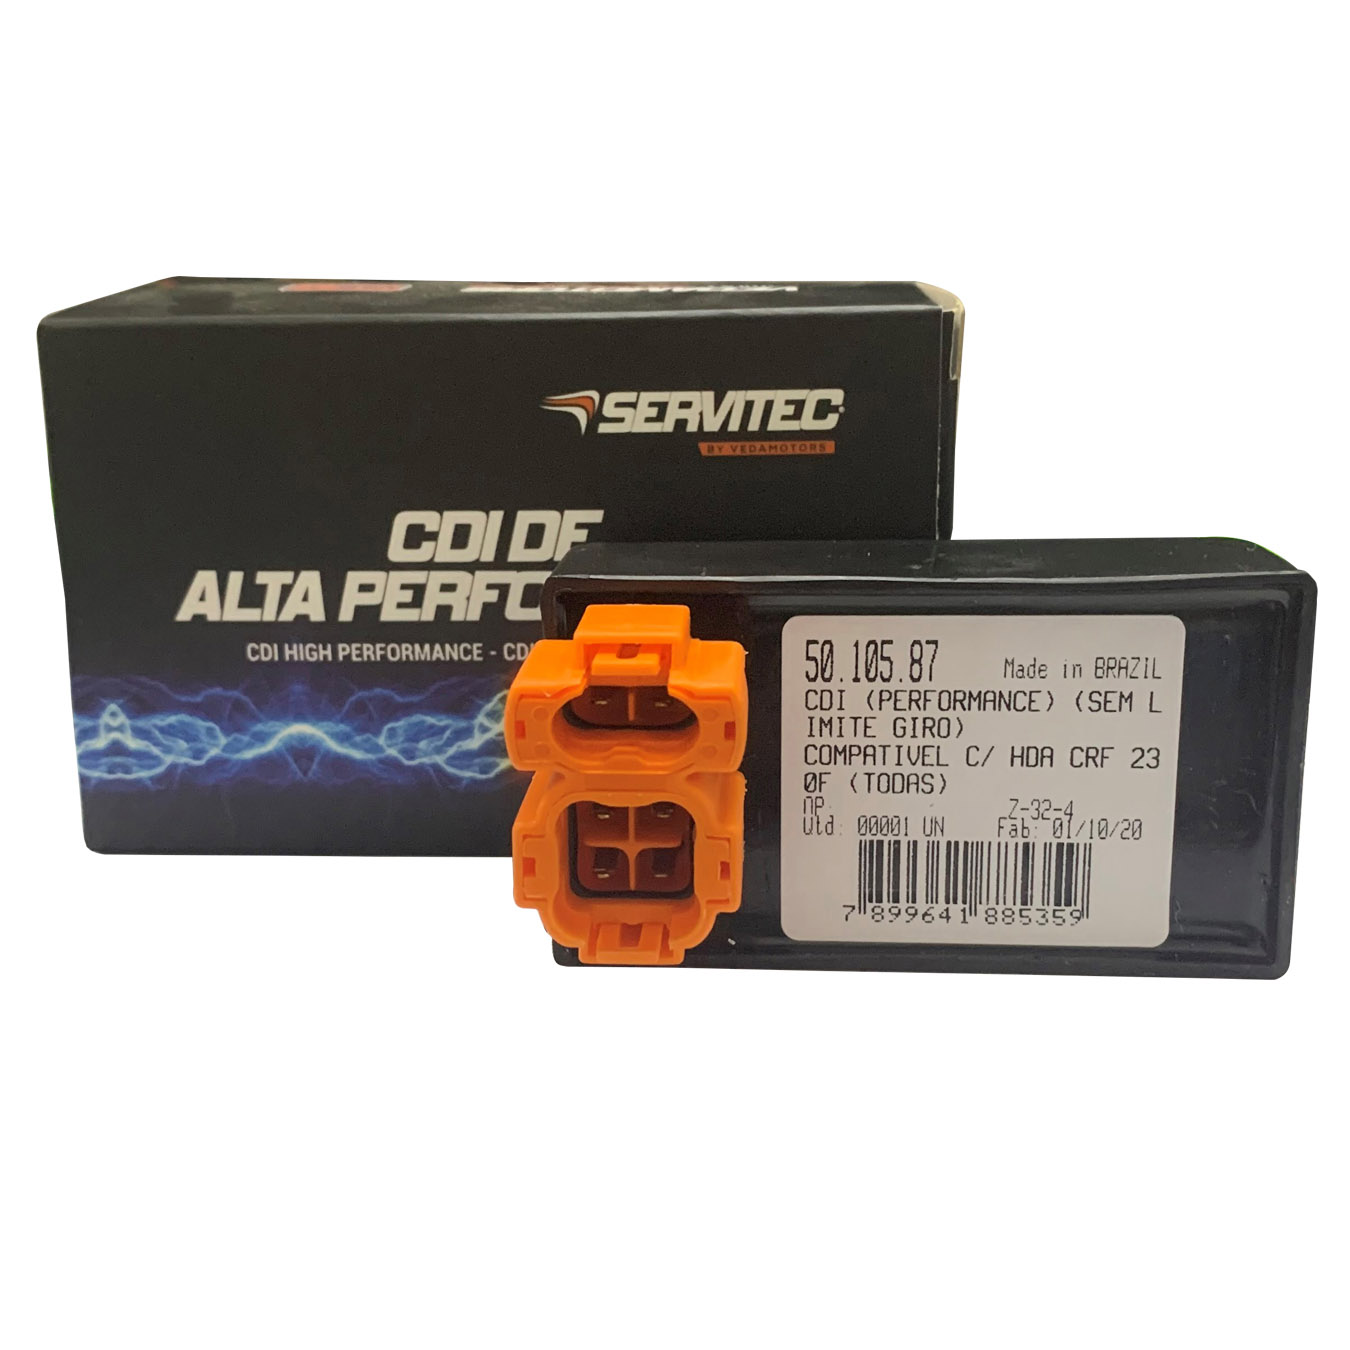 Cdi Compatível Com Crf230f Sem Limitador De Giro Servitec